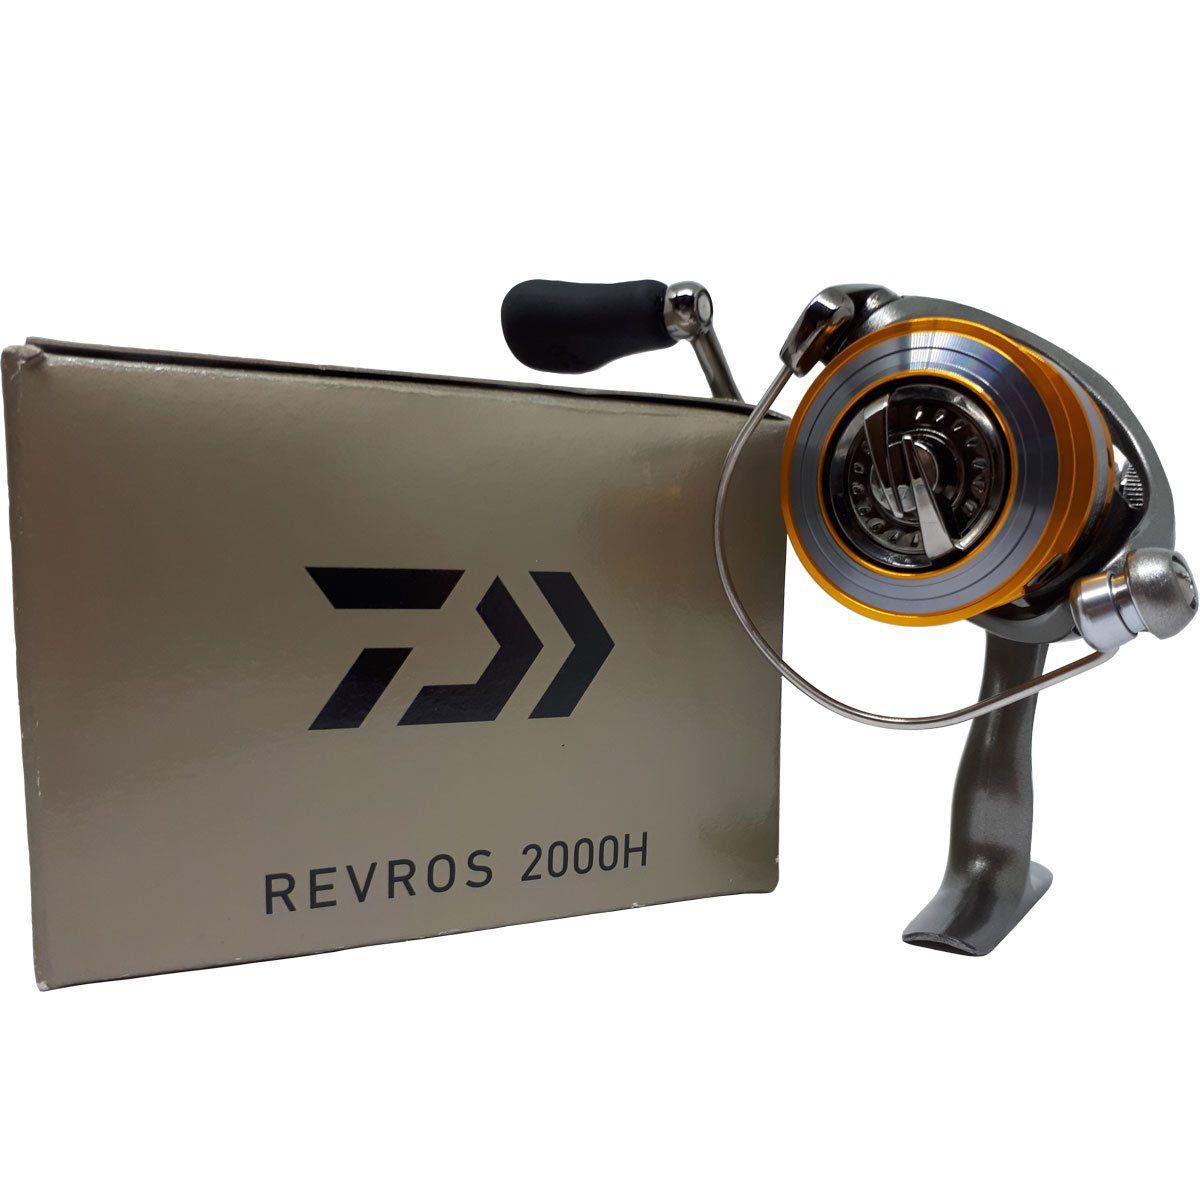 Molinete Daiwa Revros REV2000H Fricção Diant 8 Rols